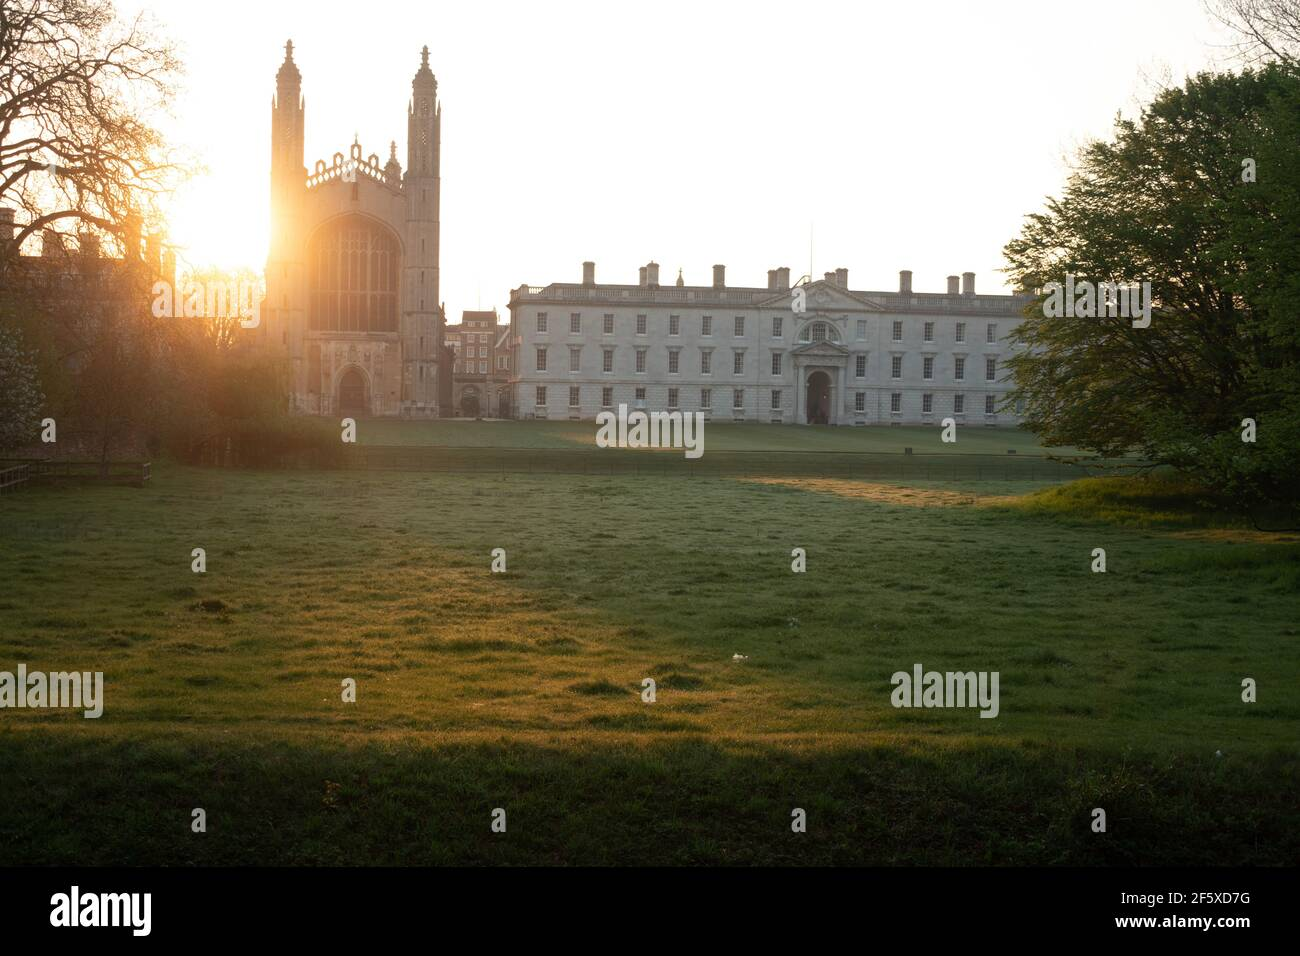 Icónico Cambridge, Kings College parte de la Universidad de Cambridge. Mirando al otro lado de los prados desde la parte de atrás en Queens Road Cambridge Foto de stock